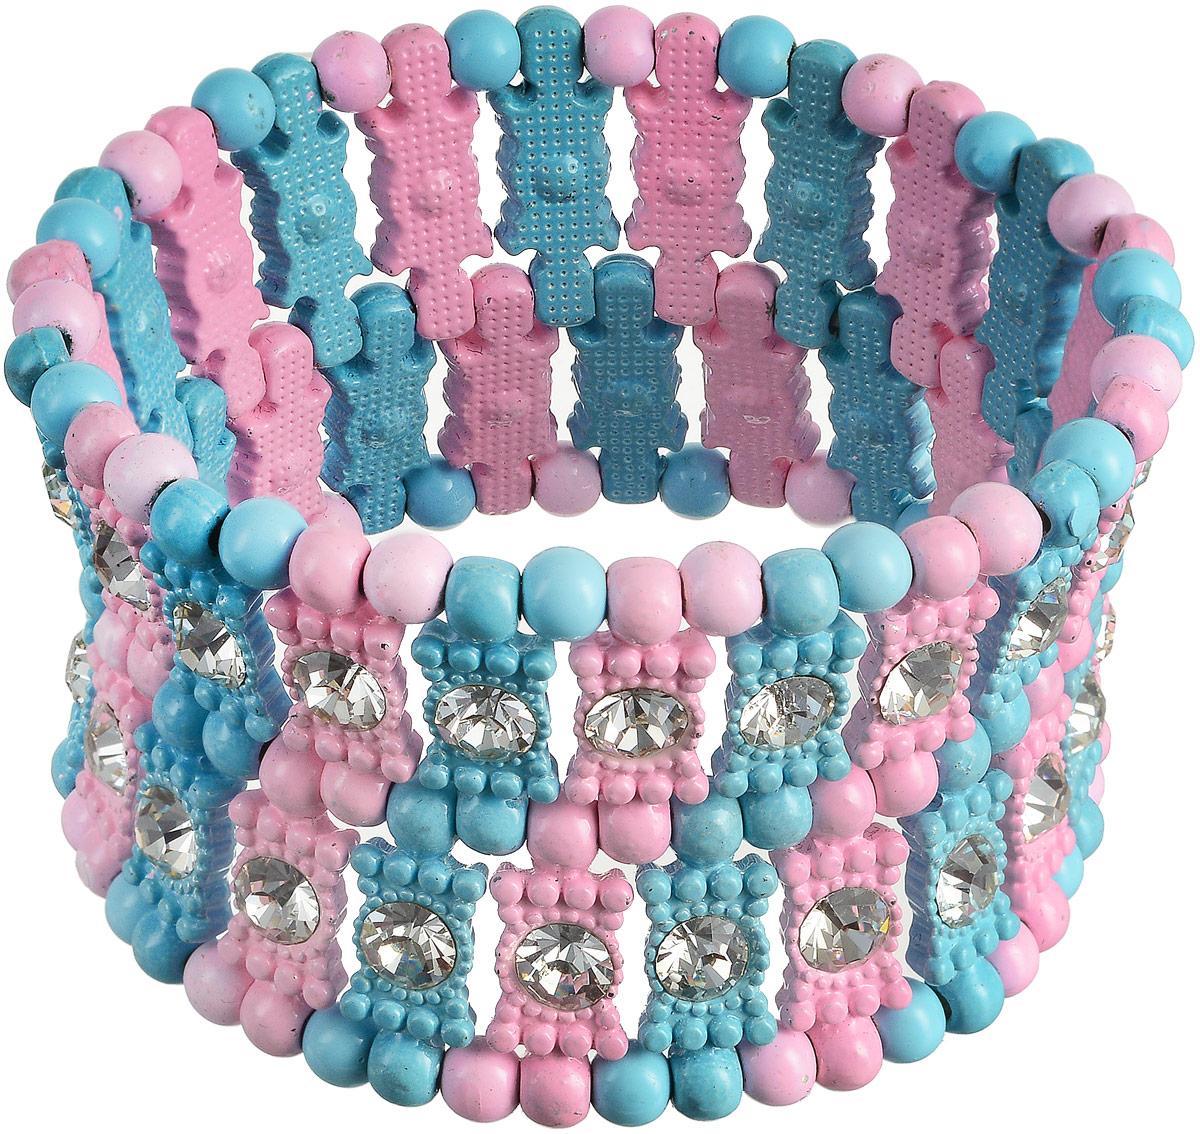 Браслет Fashion House, цвет: розовый, голубой. FH30587FH30587Великолепный браслет Fashion House выполнен на резинке в виде плоских разноцветных пластин и бусин, которые украшены стразами. Браслет придется по вкусу даже самой привередливой моднице!